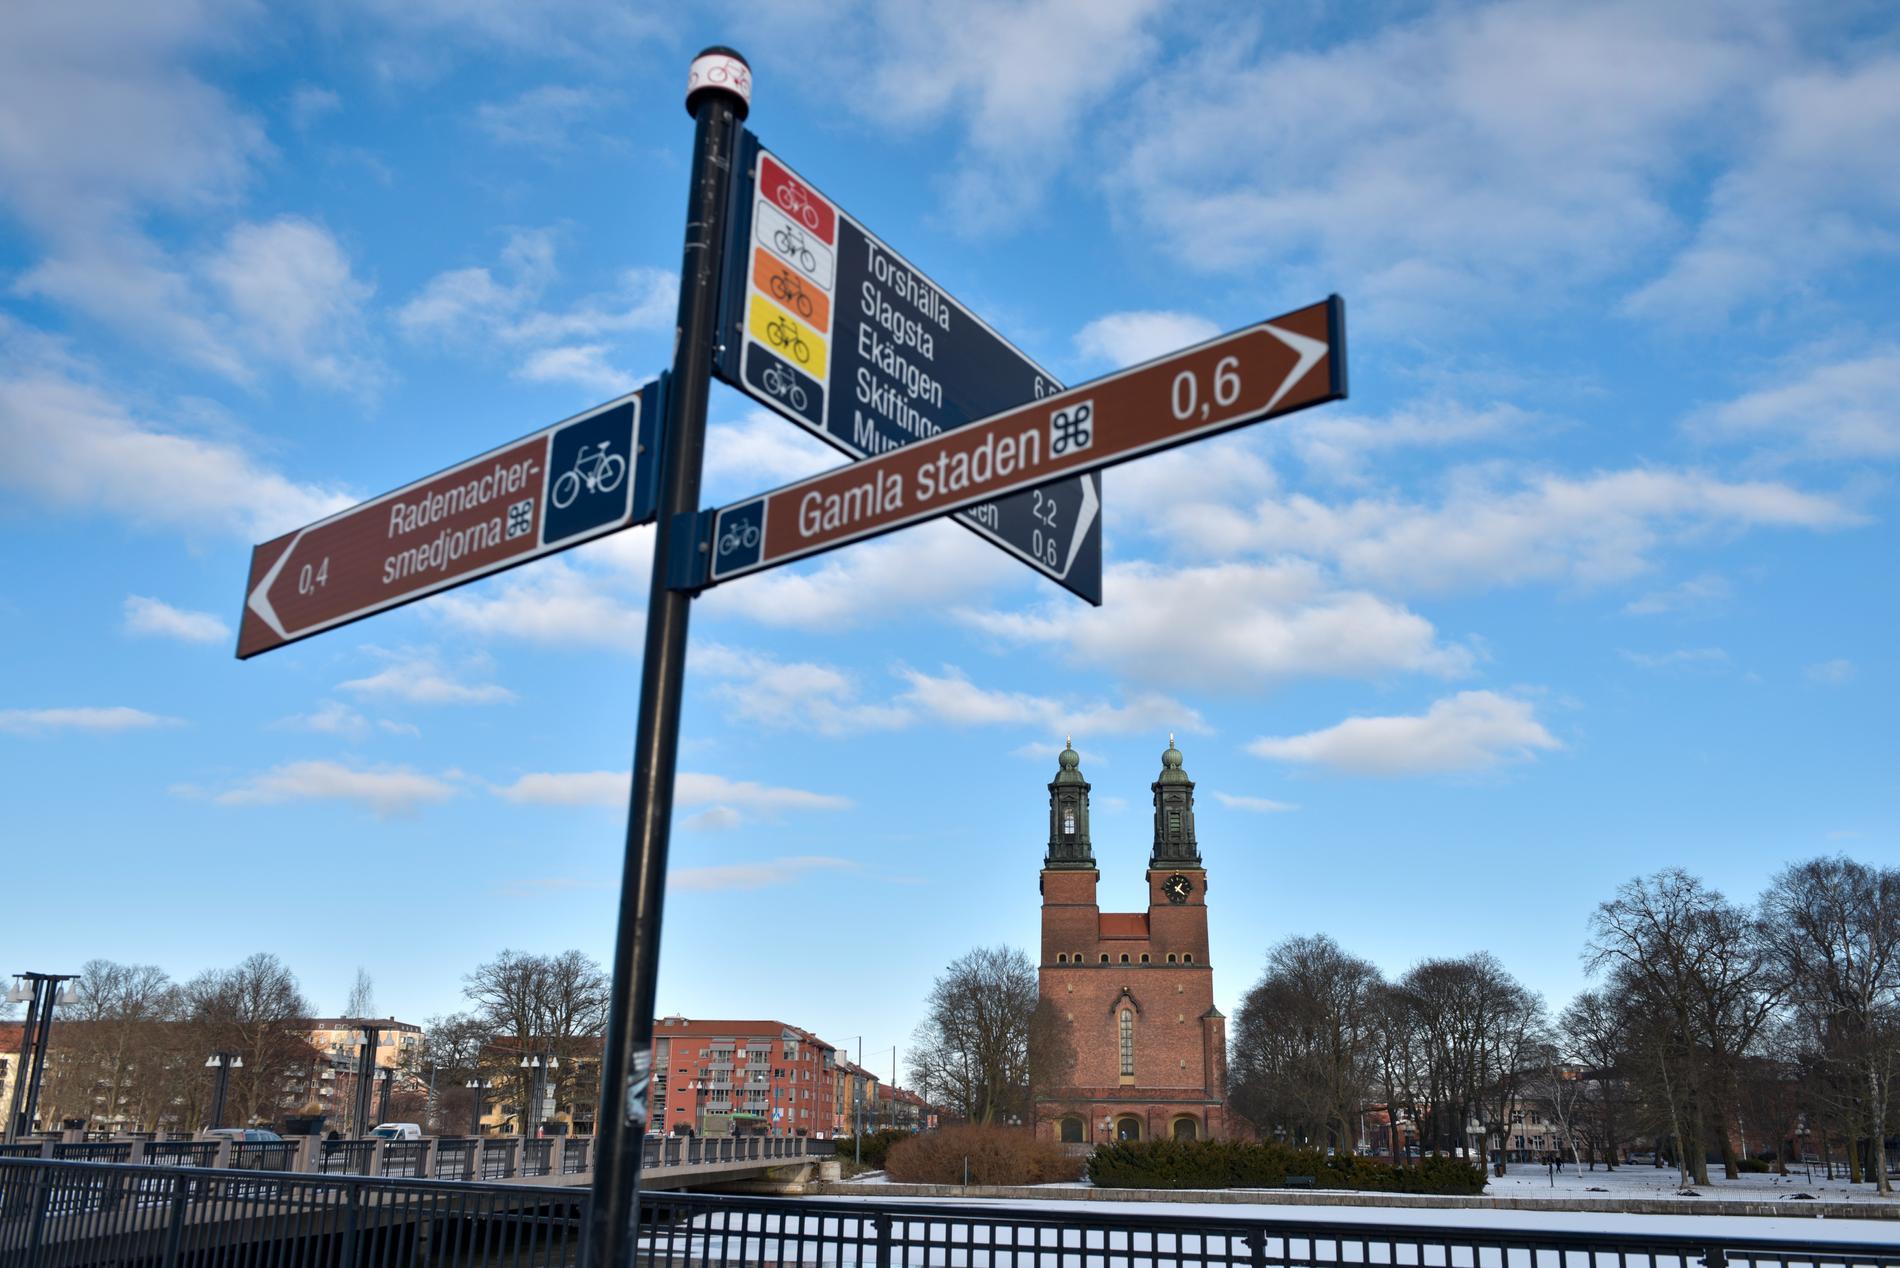 En järnvägsbro i Eskilstuna har blivit påkörd många gånger de senaste åren. Arkivbild.